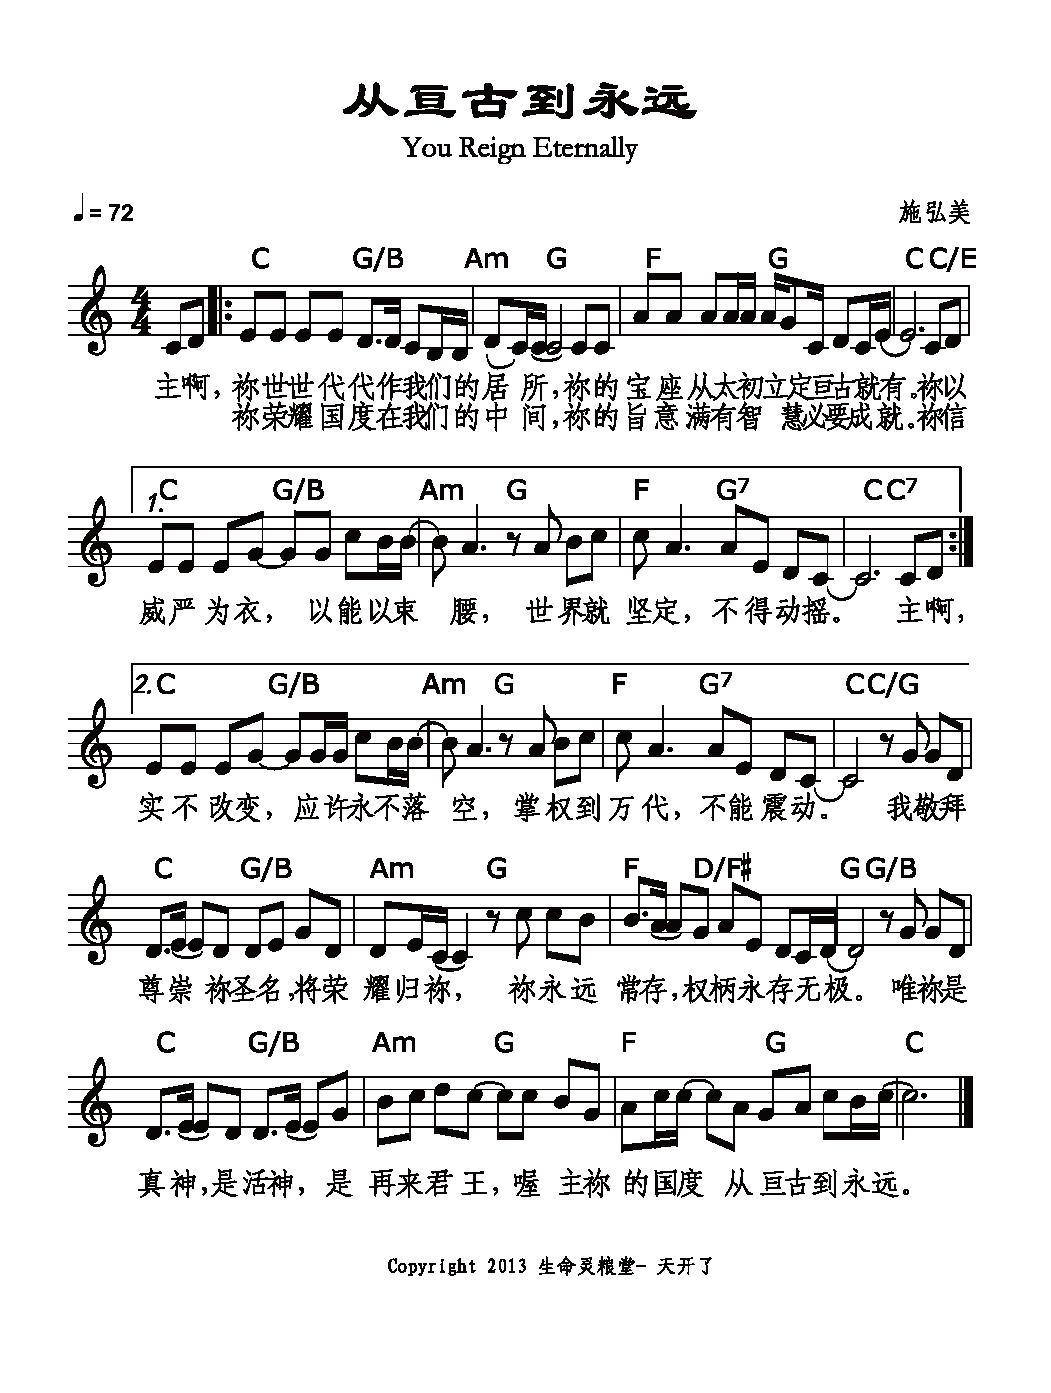 《从亘古到永远 和弦五线谱》